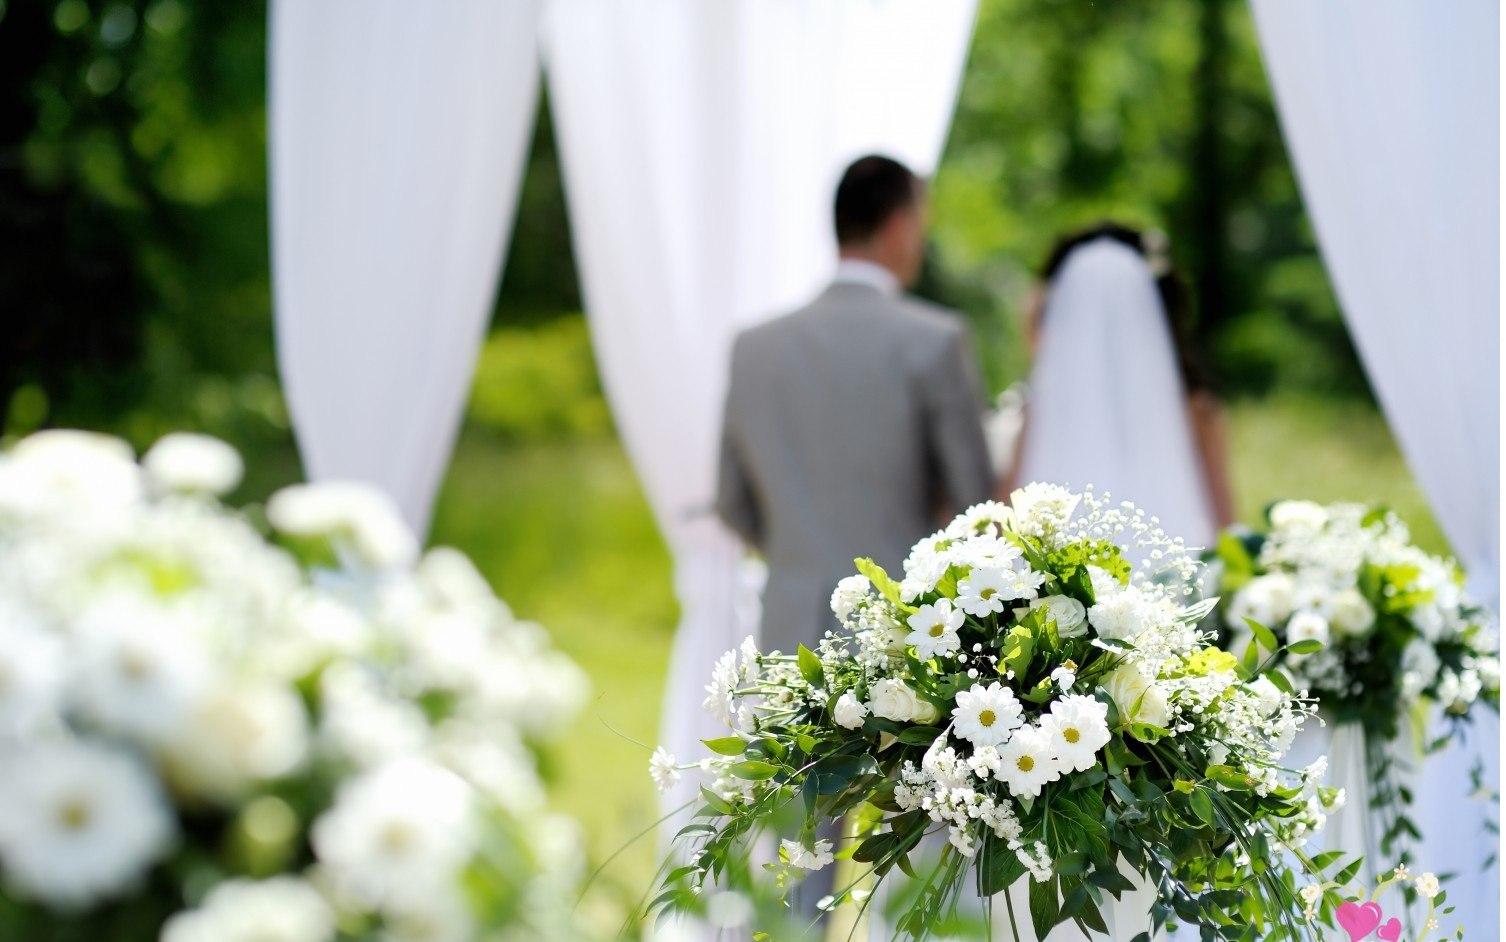 L2Hl9 F3cLg - Что рассказать о себе свадебному фотографу